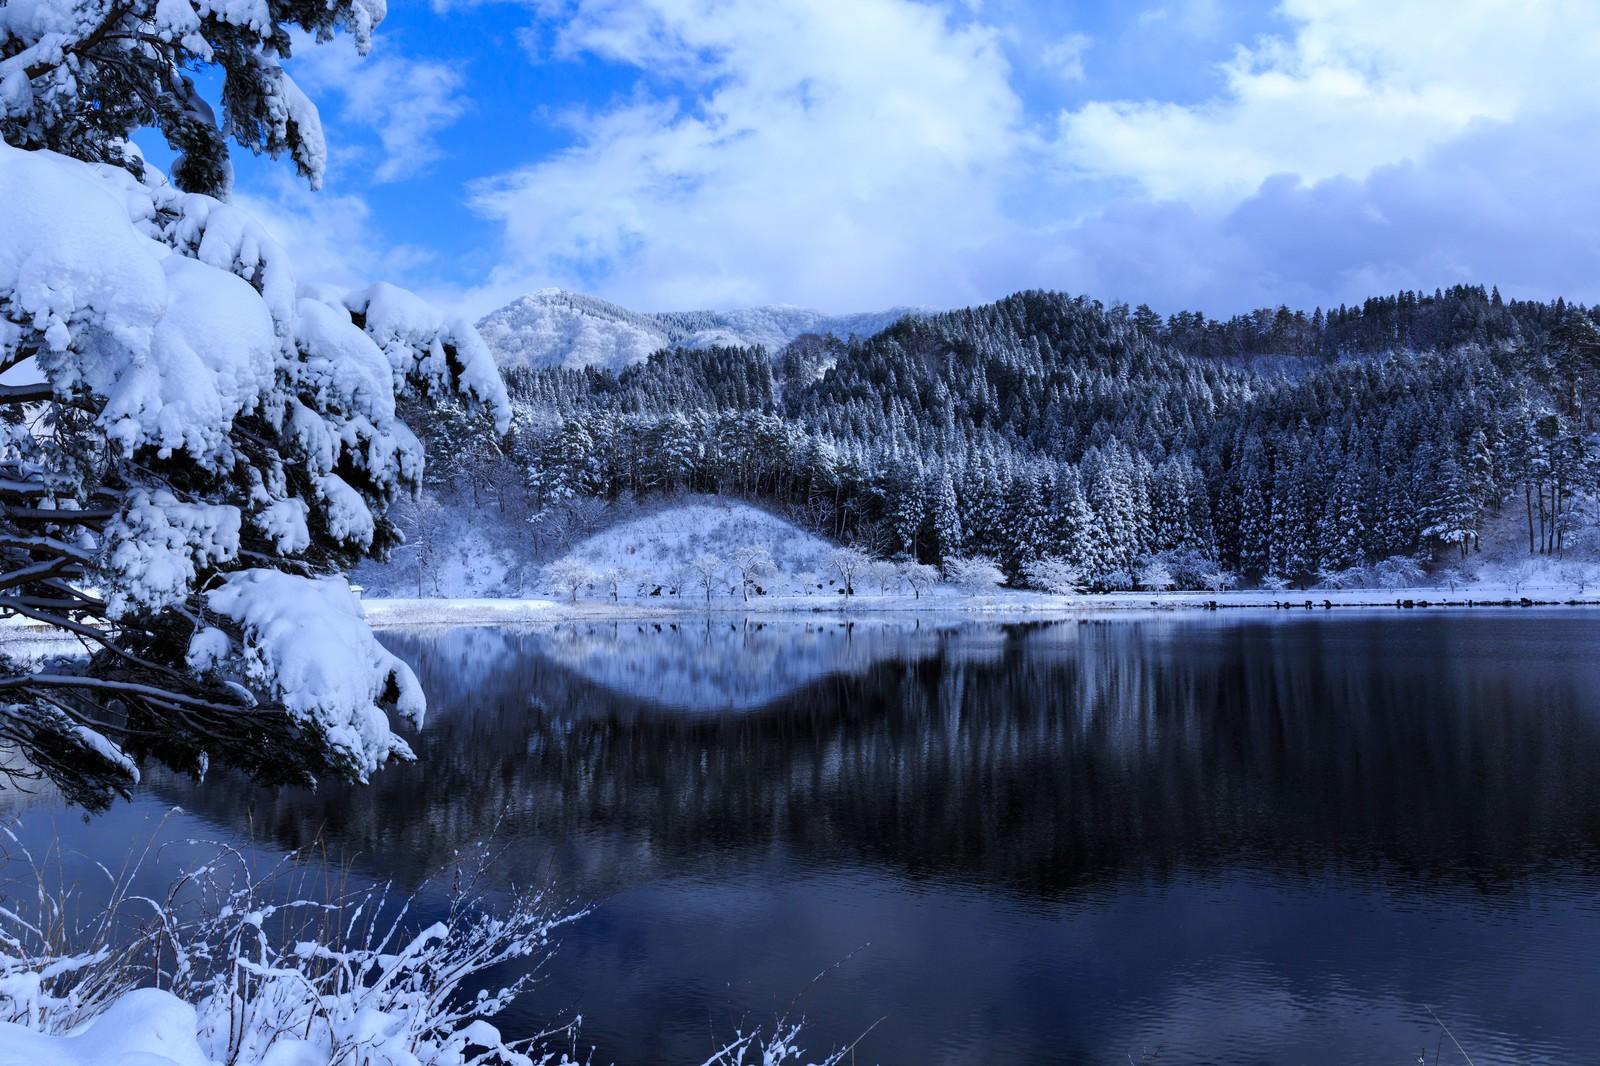 「山間の沼地(雪化粧)」の写真